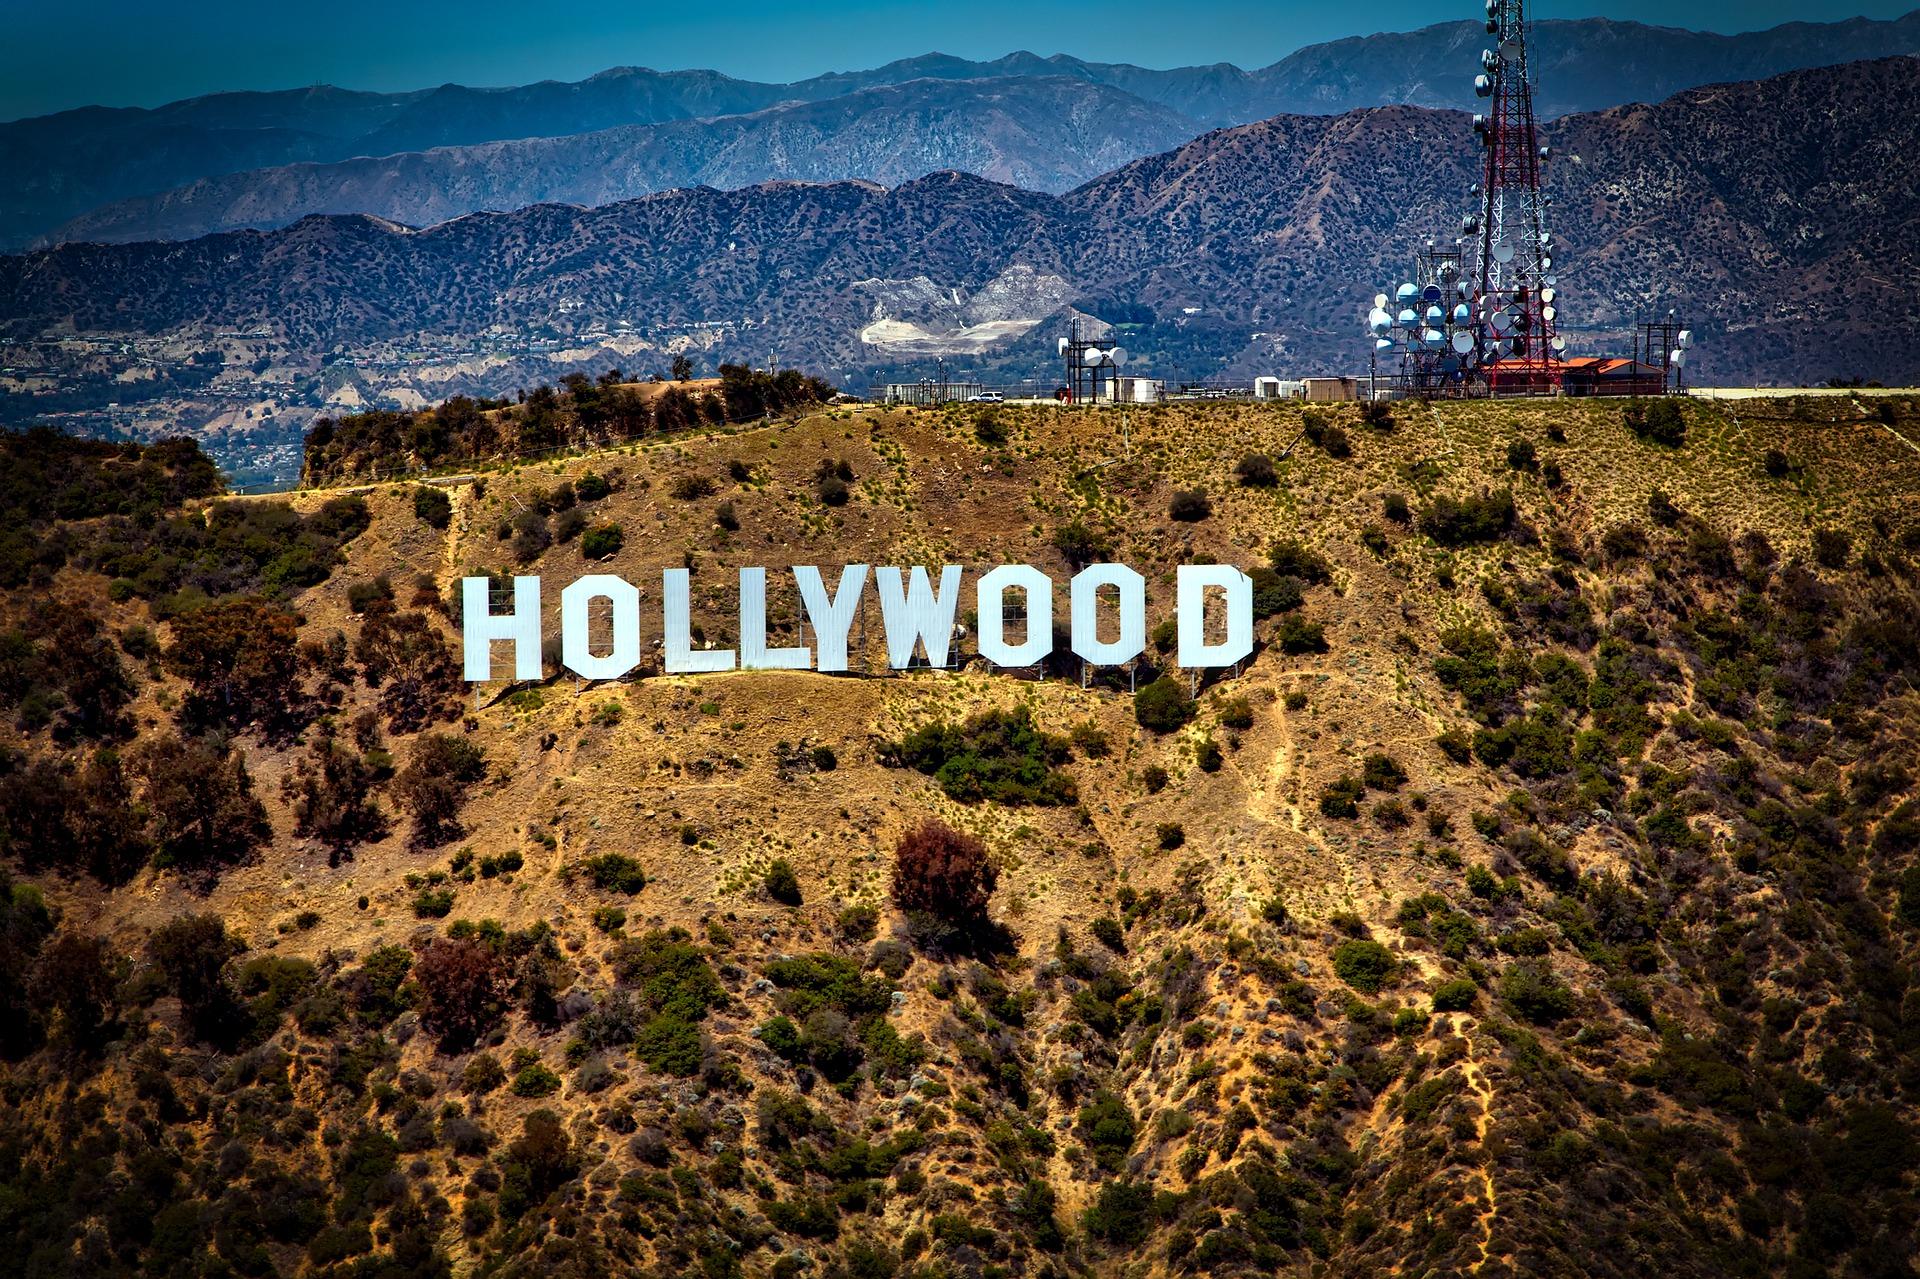 Flüge: Los Angeles - Ab Düsseldorf nach Kalifornien ab nur 264€ Hin- und Zurück mit Oneworld Airlines